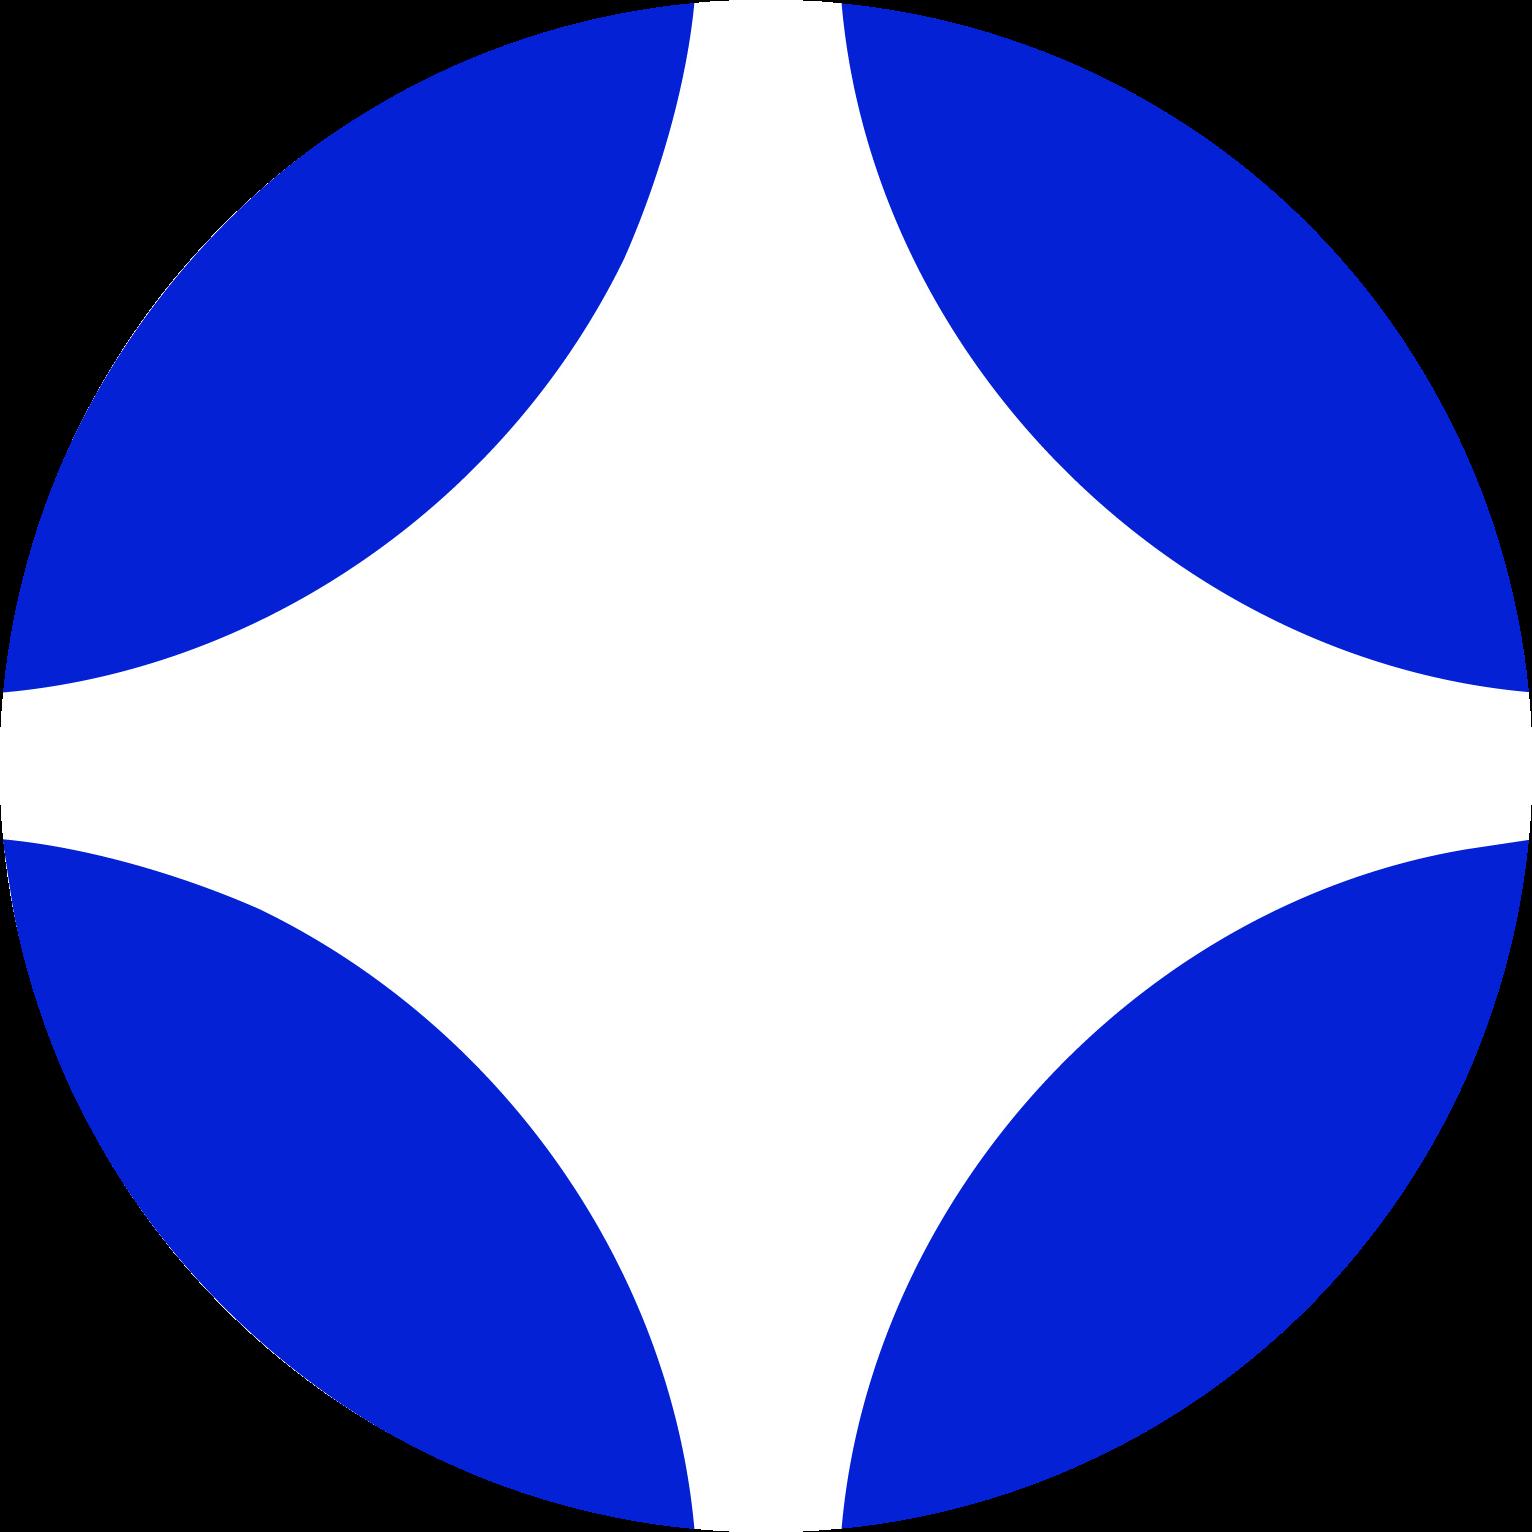 circle-cropped (10)-1